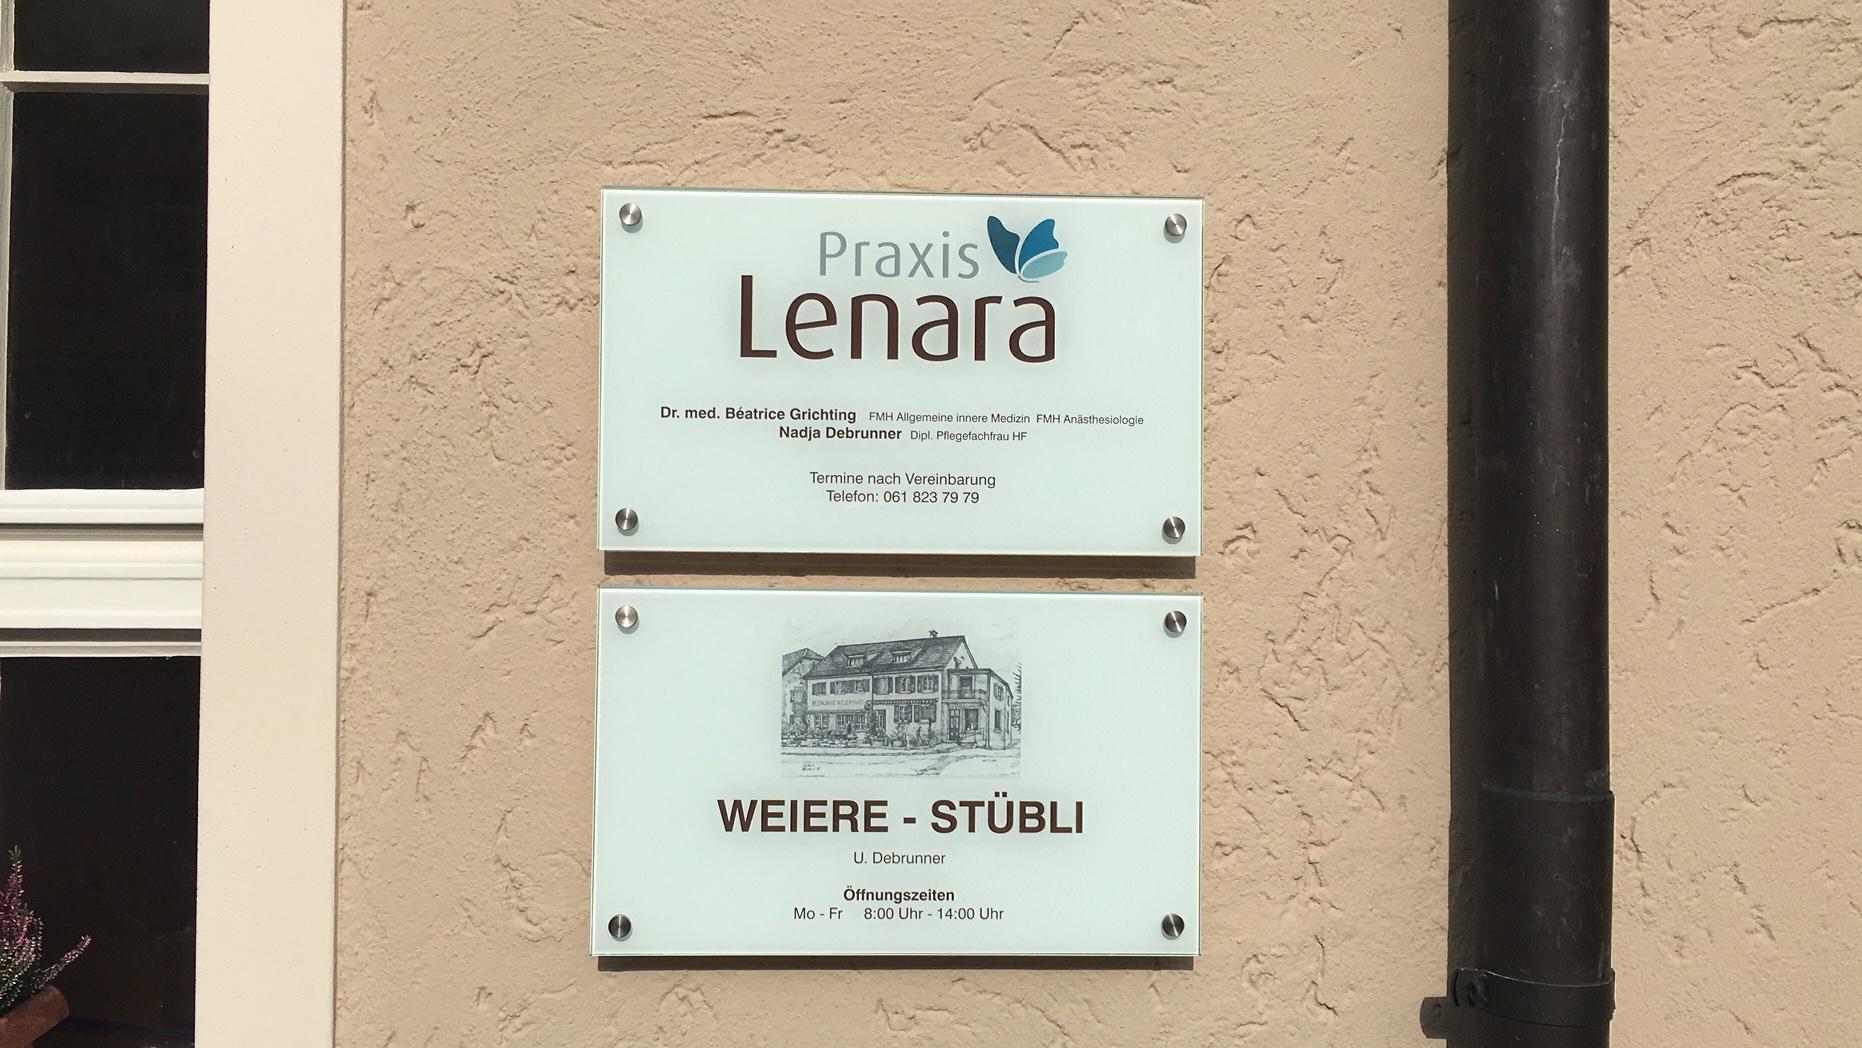 Praxis Lenara